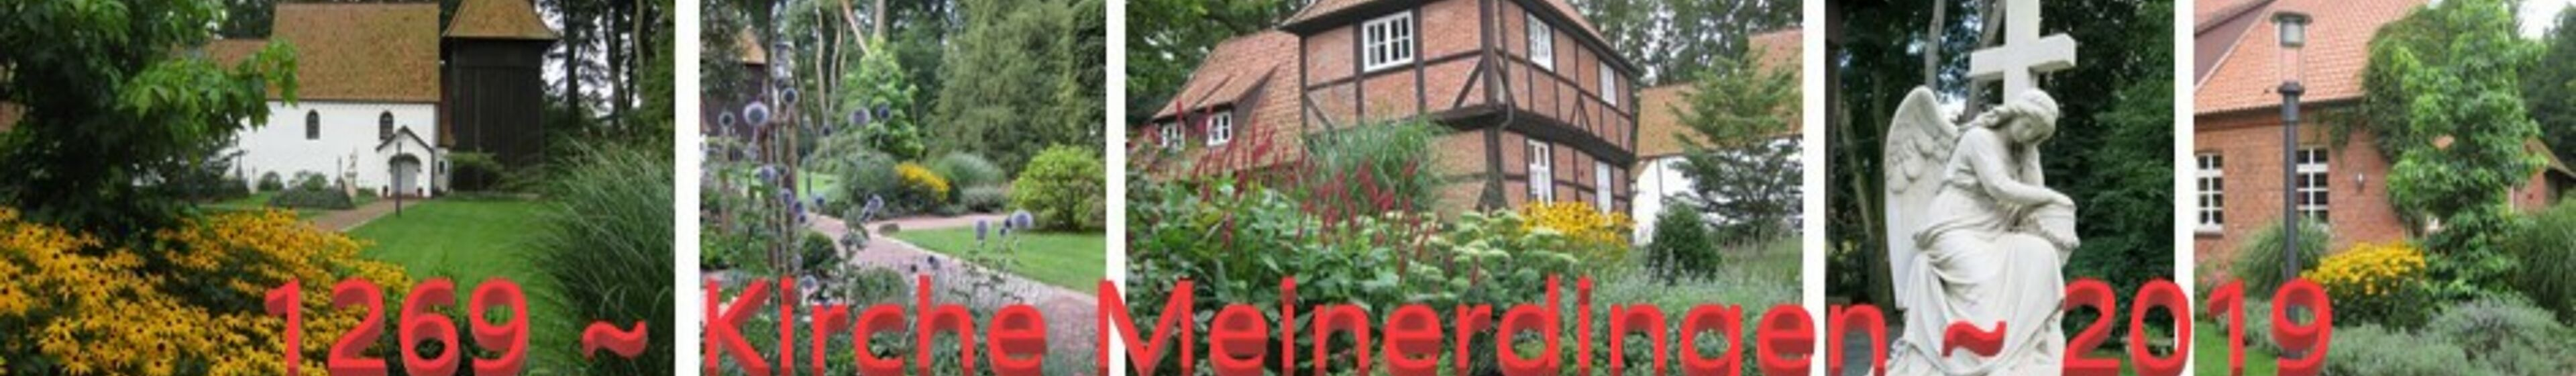 Banner-KG-Meinerdingen-Beete-750Jahre